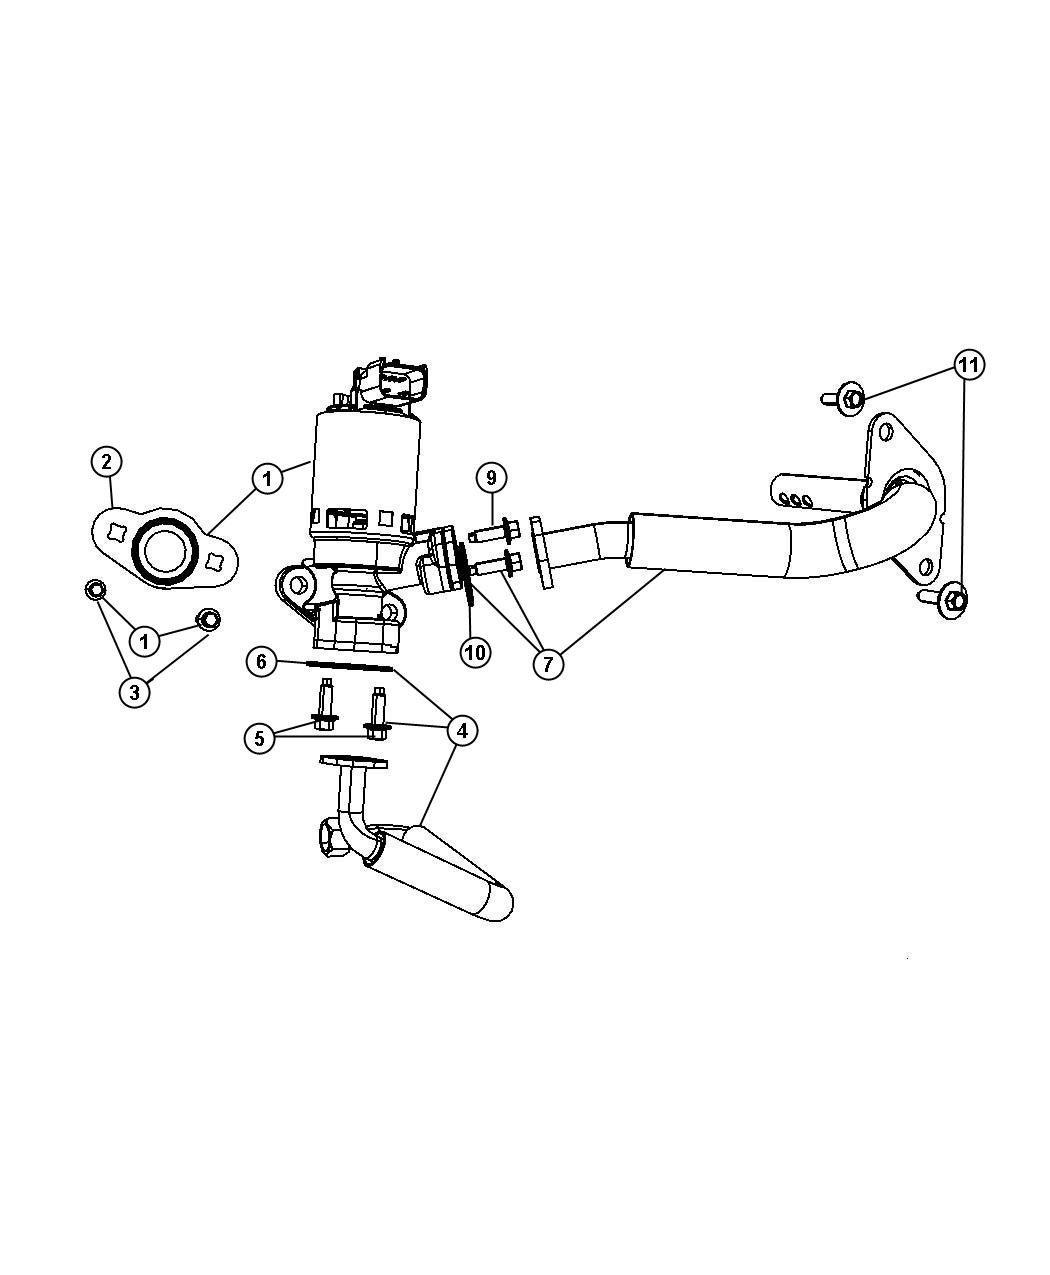 Chrysler Sebring Tube. Egr valve, egr valve to intake